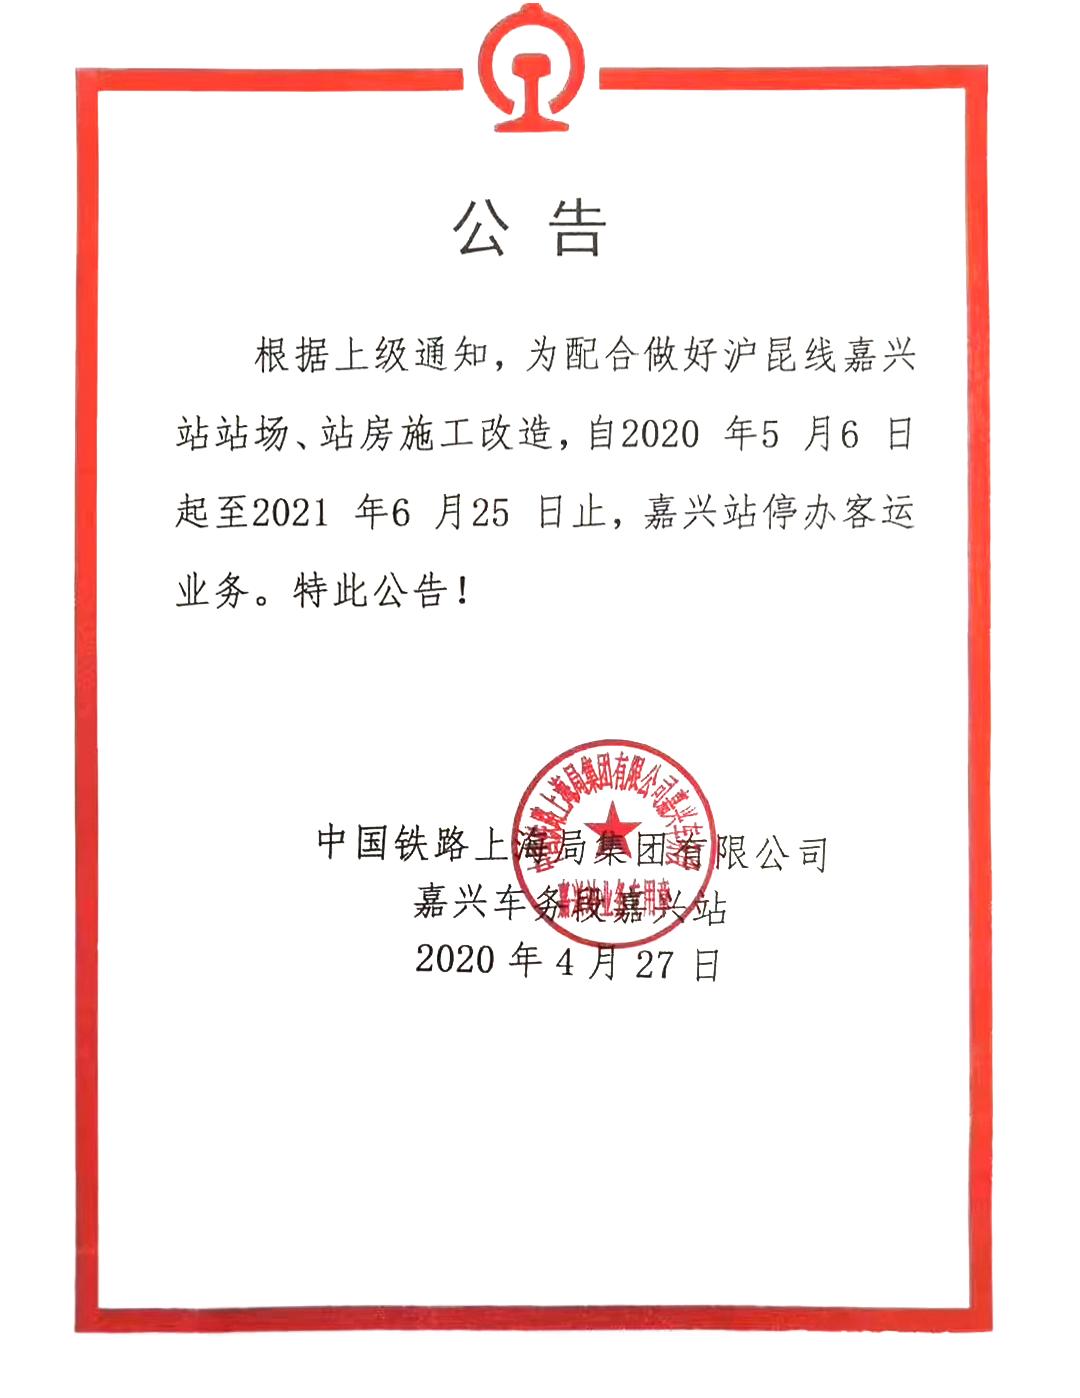 嘉兴火车站施工改造停办客运,列车分流至嘉善站海宁站松江站